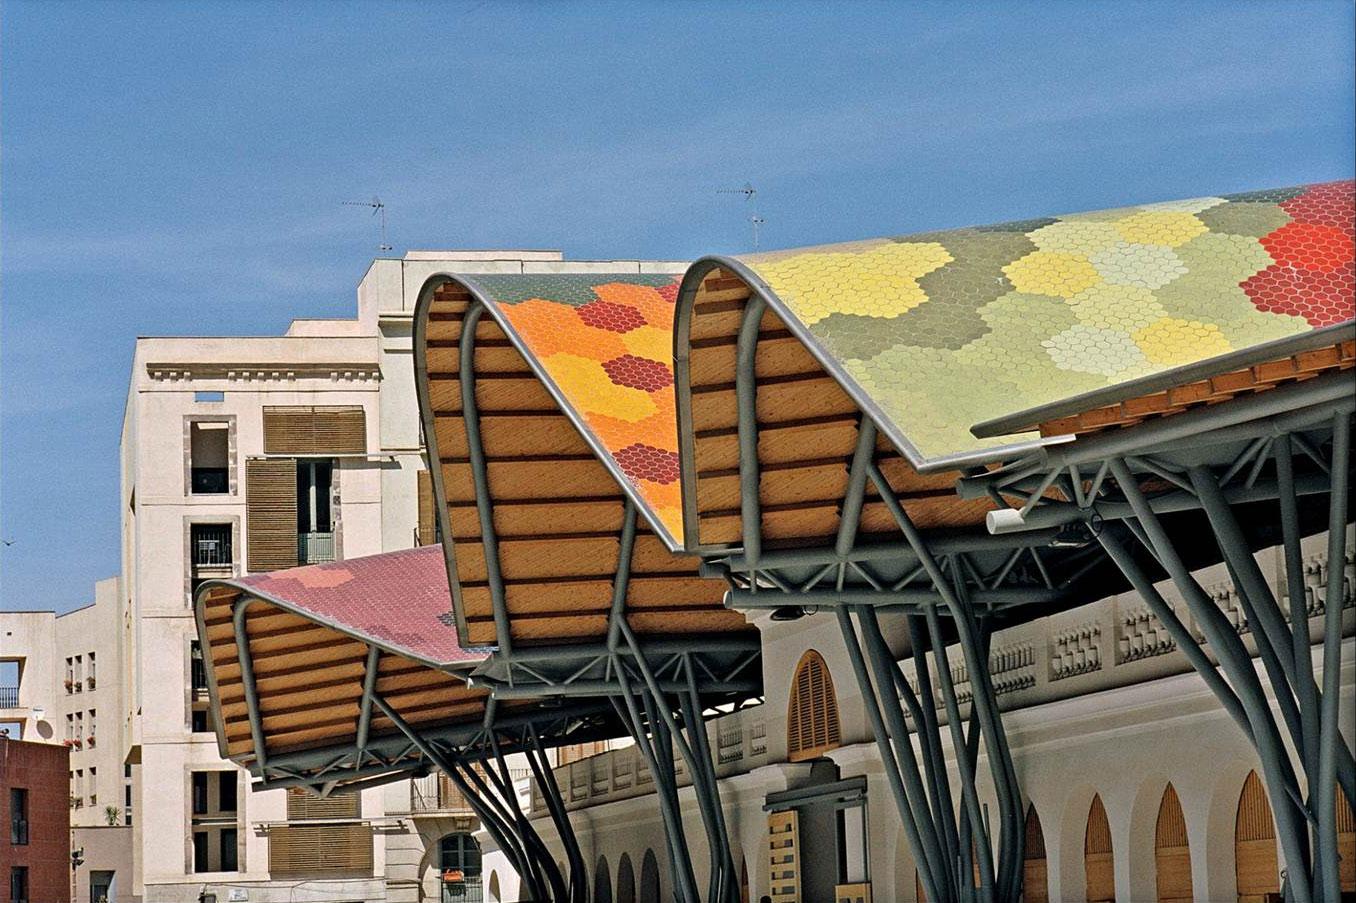 Rehabilitación del Mercado de Santa Caterina, Barcelona. 1997-2005